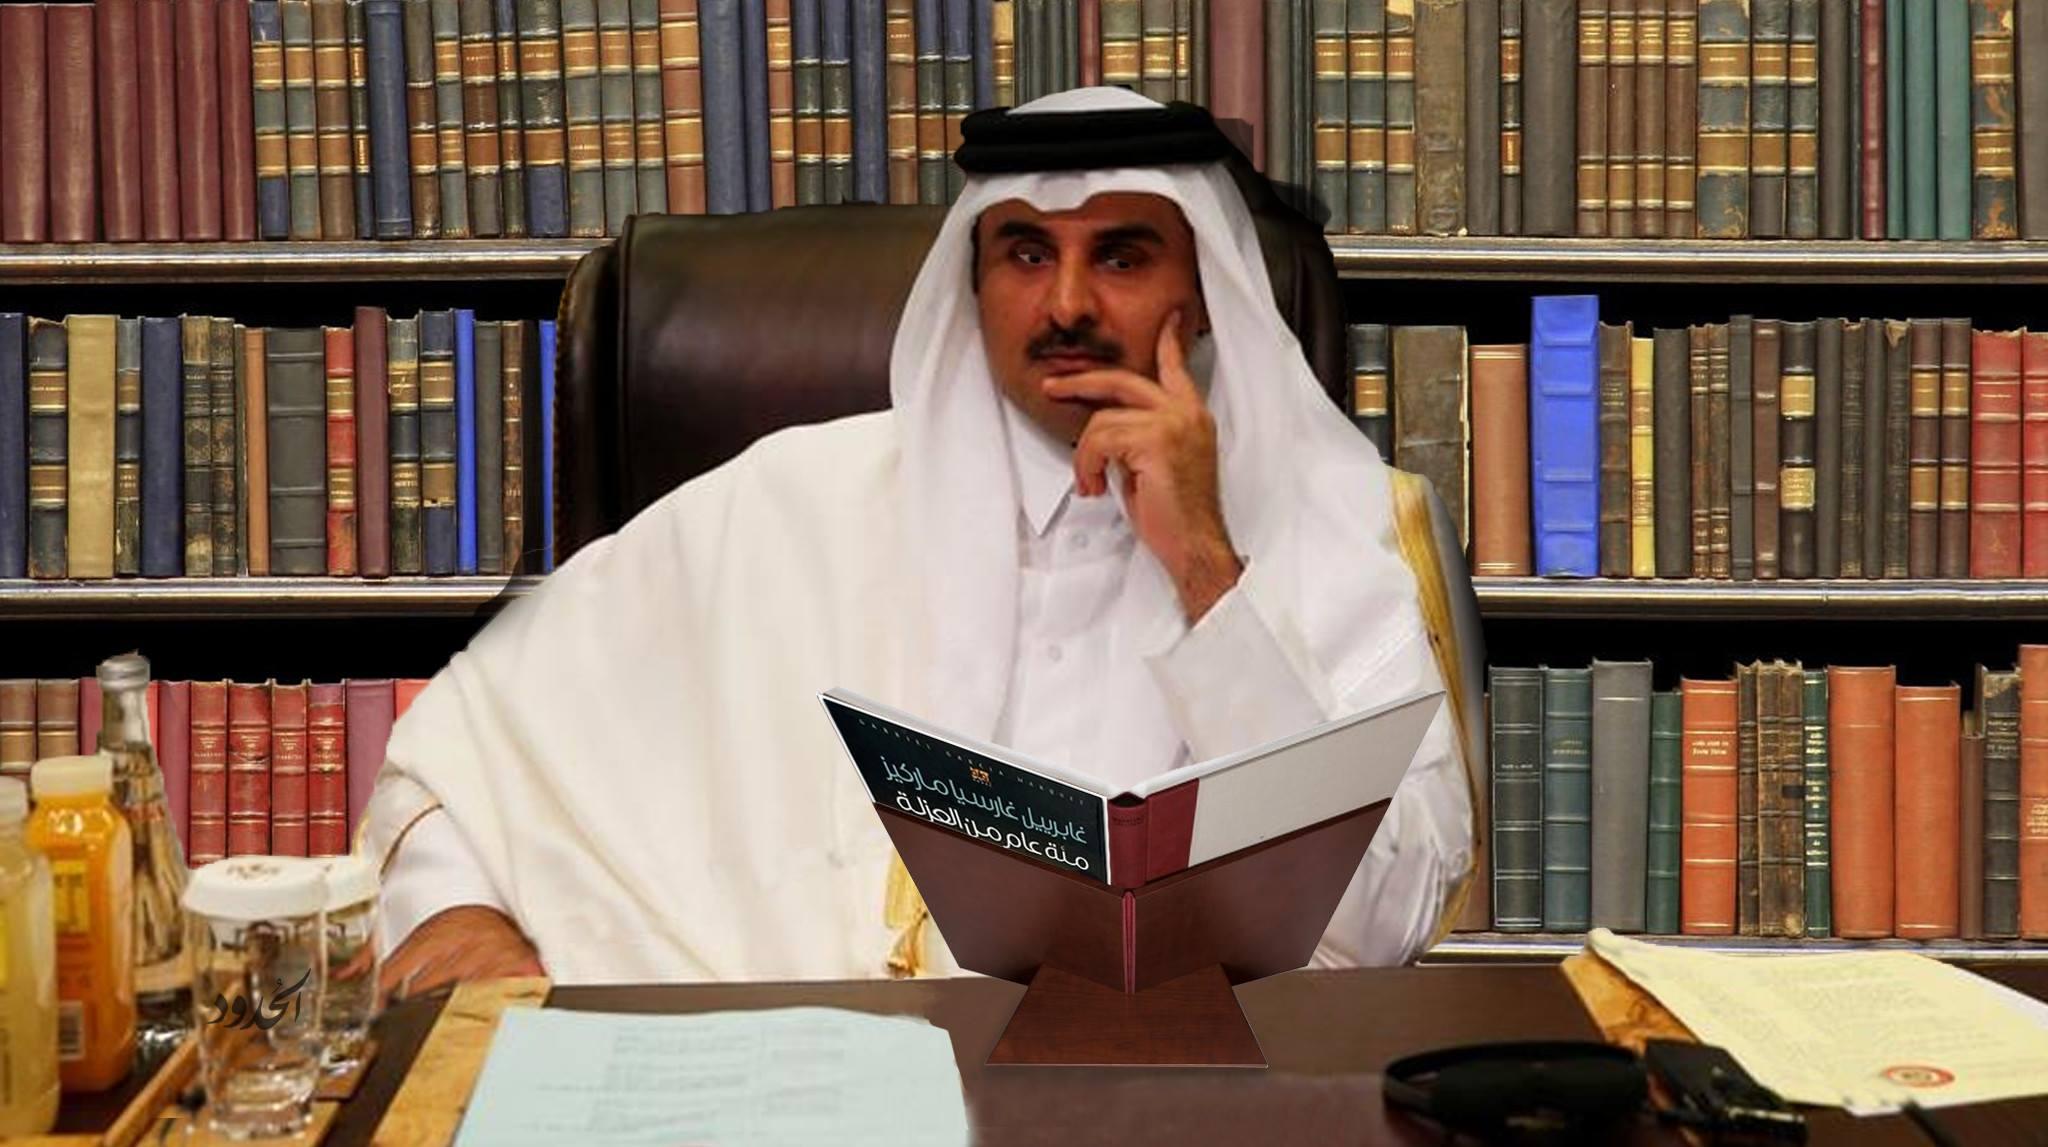 صورة أمير قطر يبدأ بمطالعة رواية مئة عام من العزلة